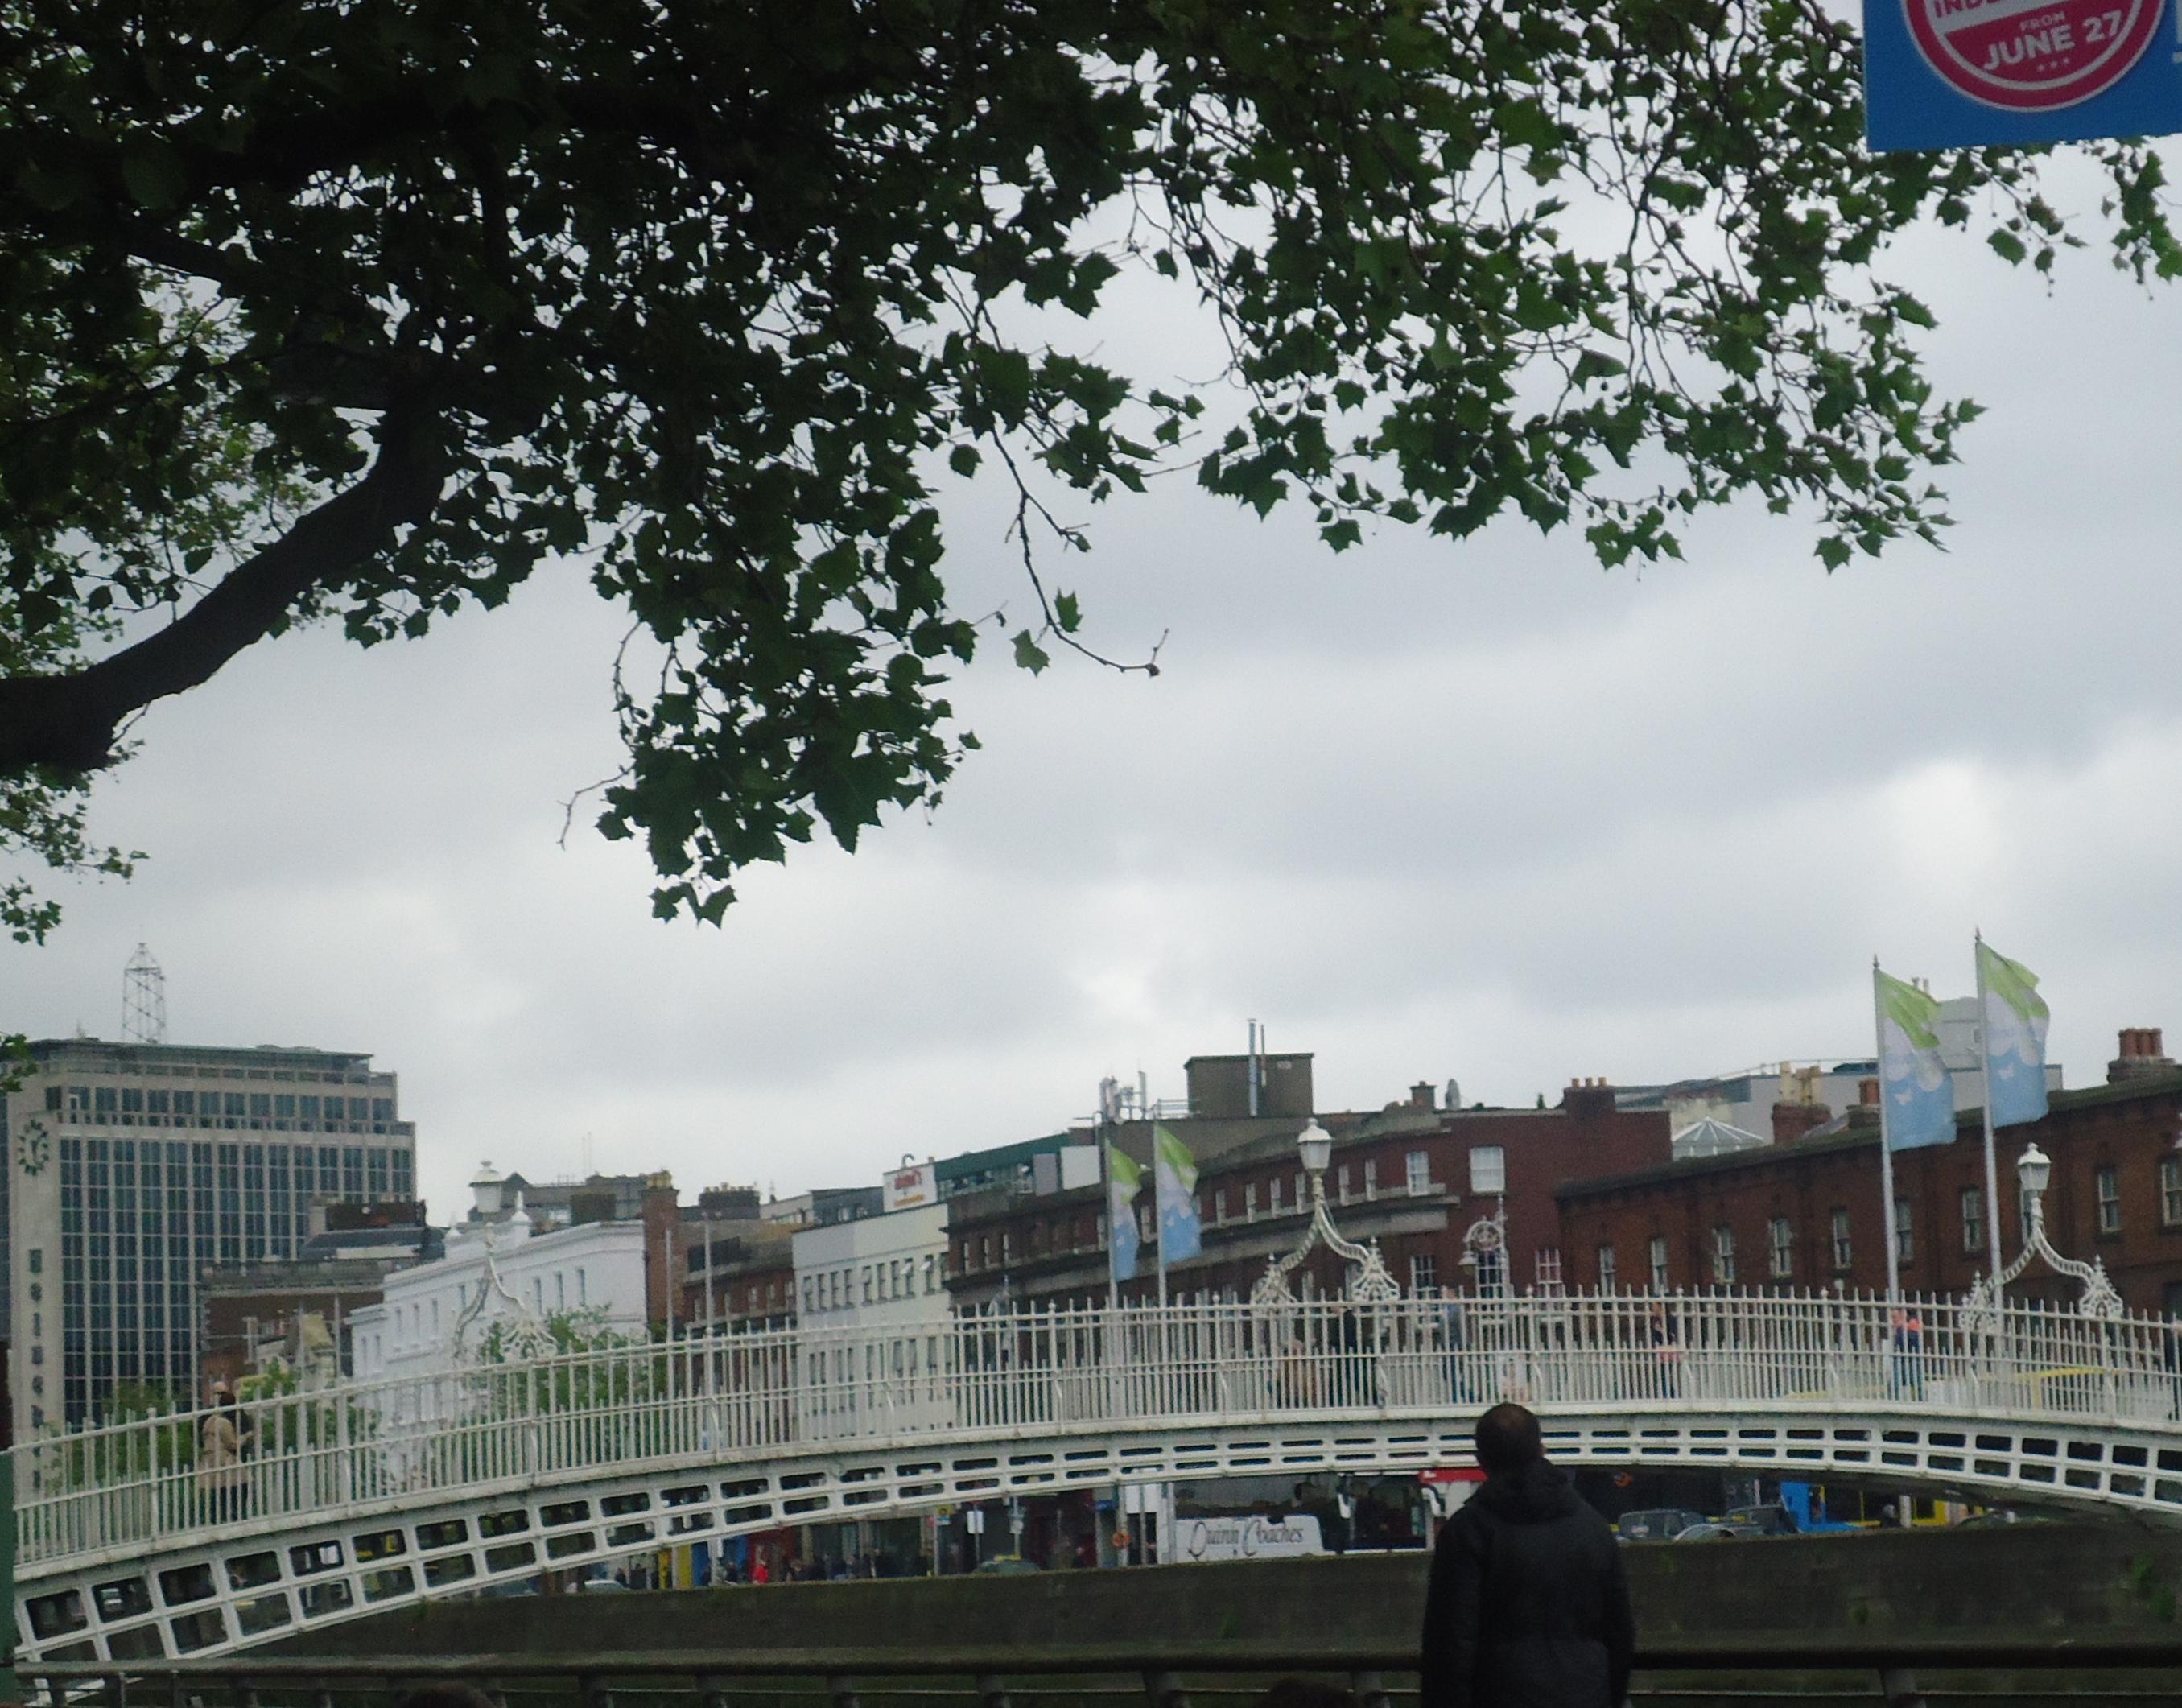 Dublin's Ha'penny Bridge, Dublin, Ireland